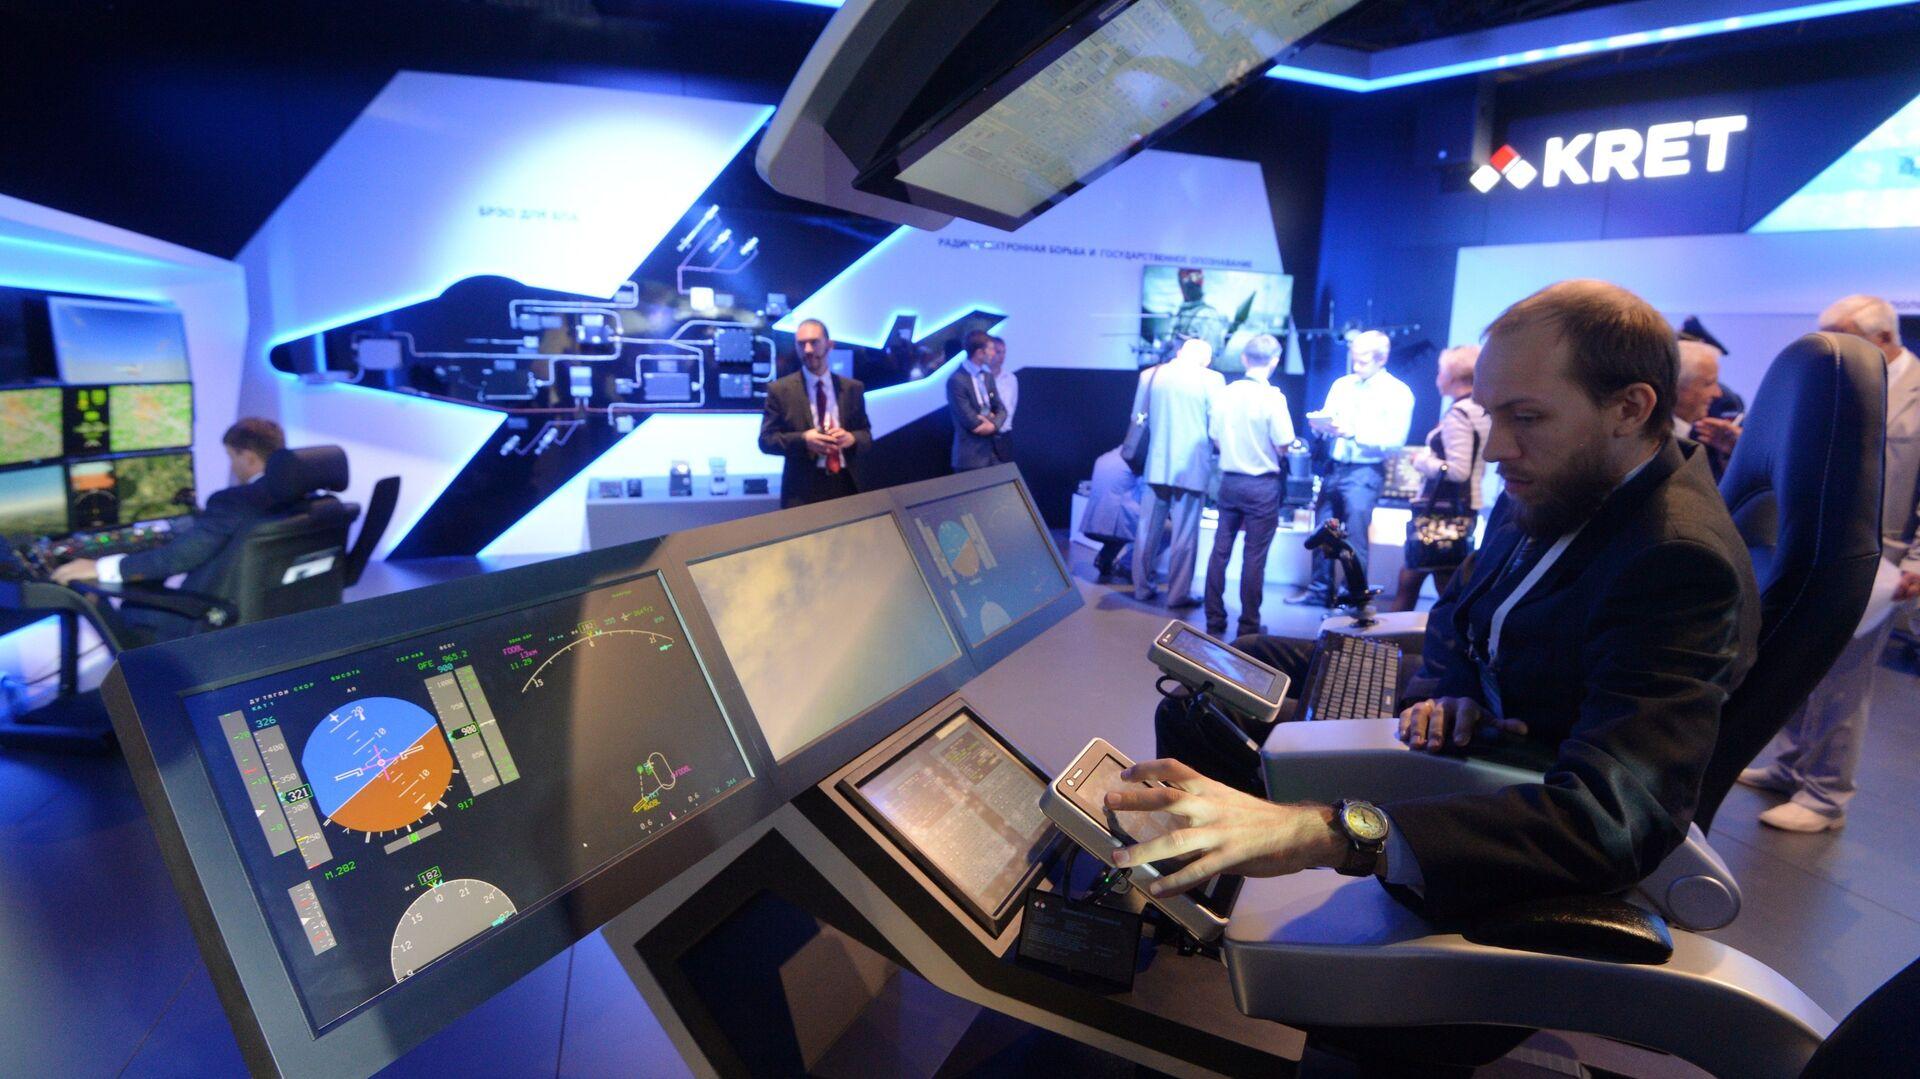 El Consorcio de Tecnologías Radioelectrónicas (KRET) presenta sus sistemas en el Salón Aeroespacial Internacional MAKS - Sputnik Mundo, 1920, 09.07.2021